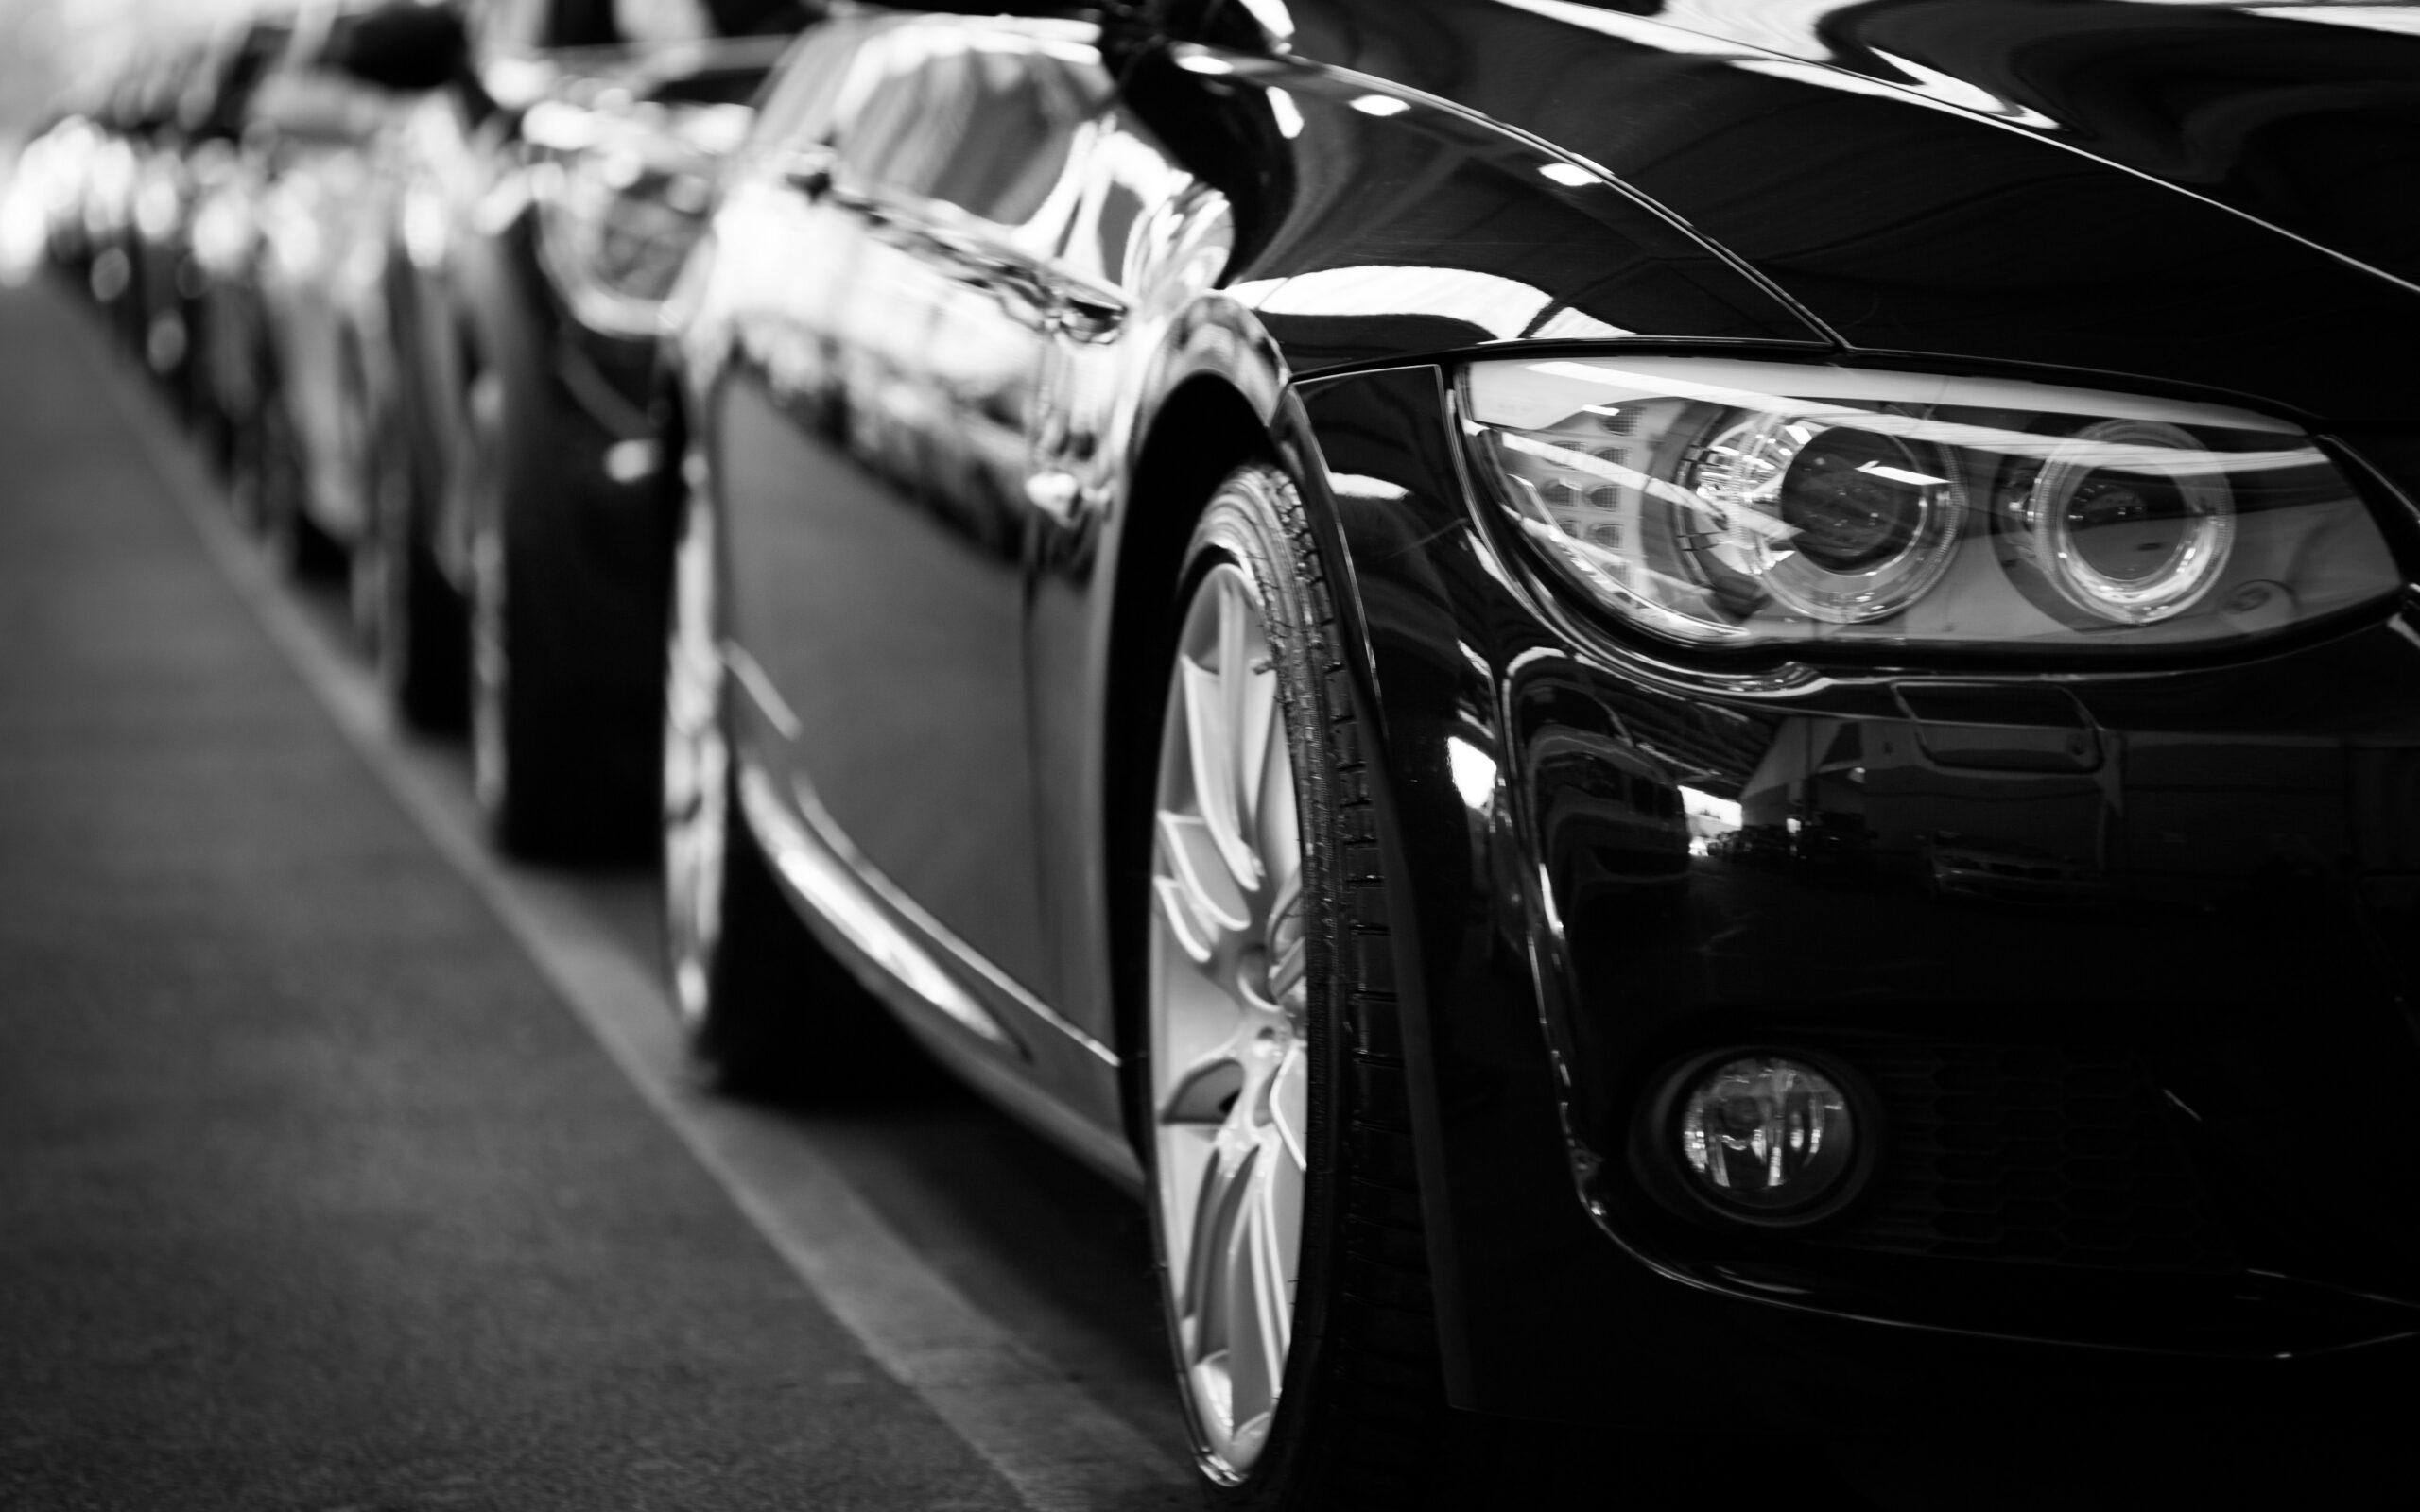 เมียนมา ห้ามนำเข้ารถยนต์นั่งส่วนบุคคลชั่วคราว – เศรษฐกิจ